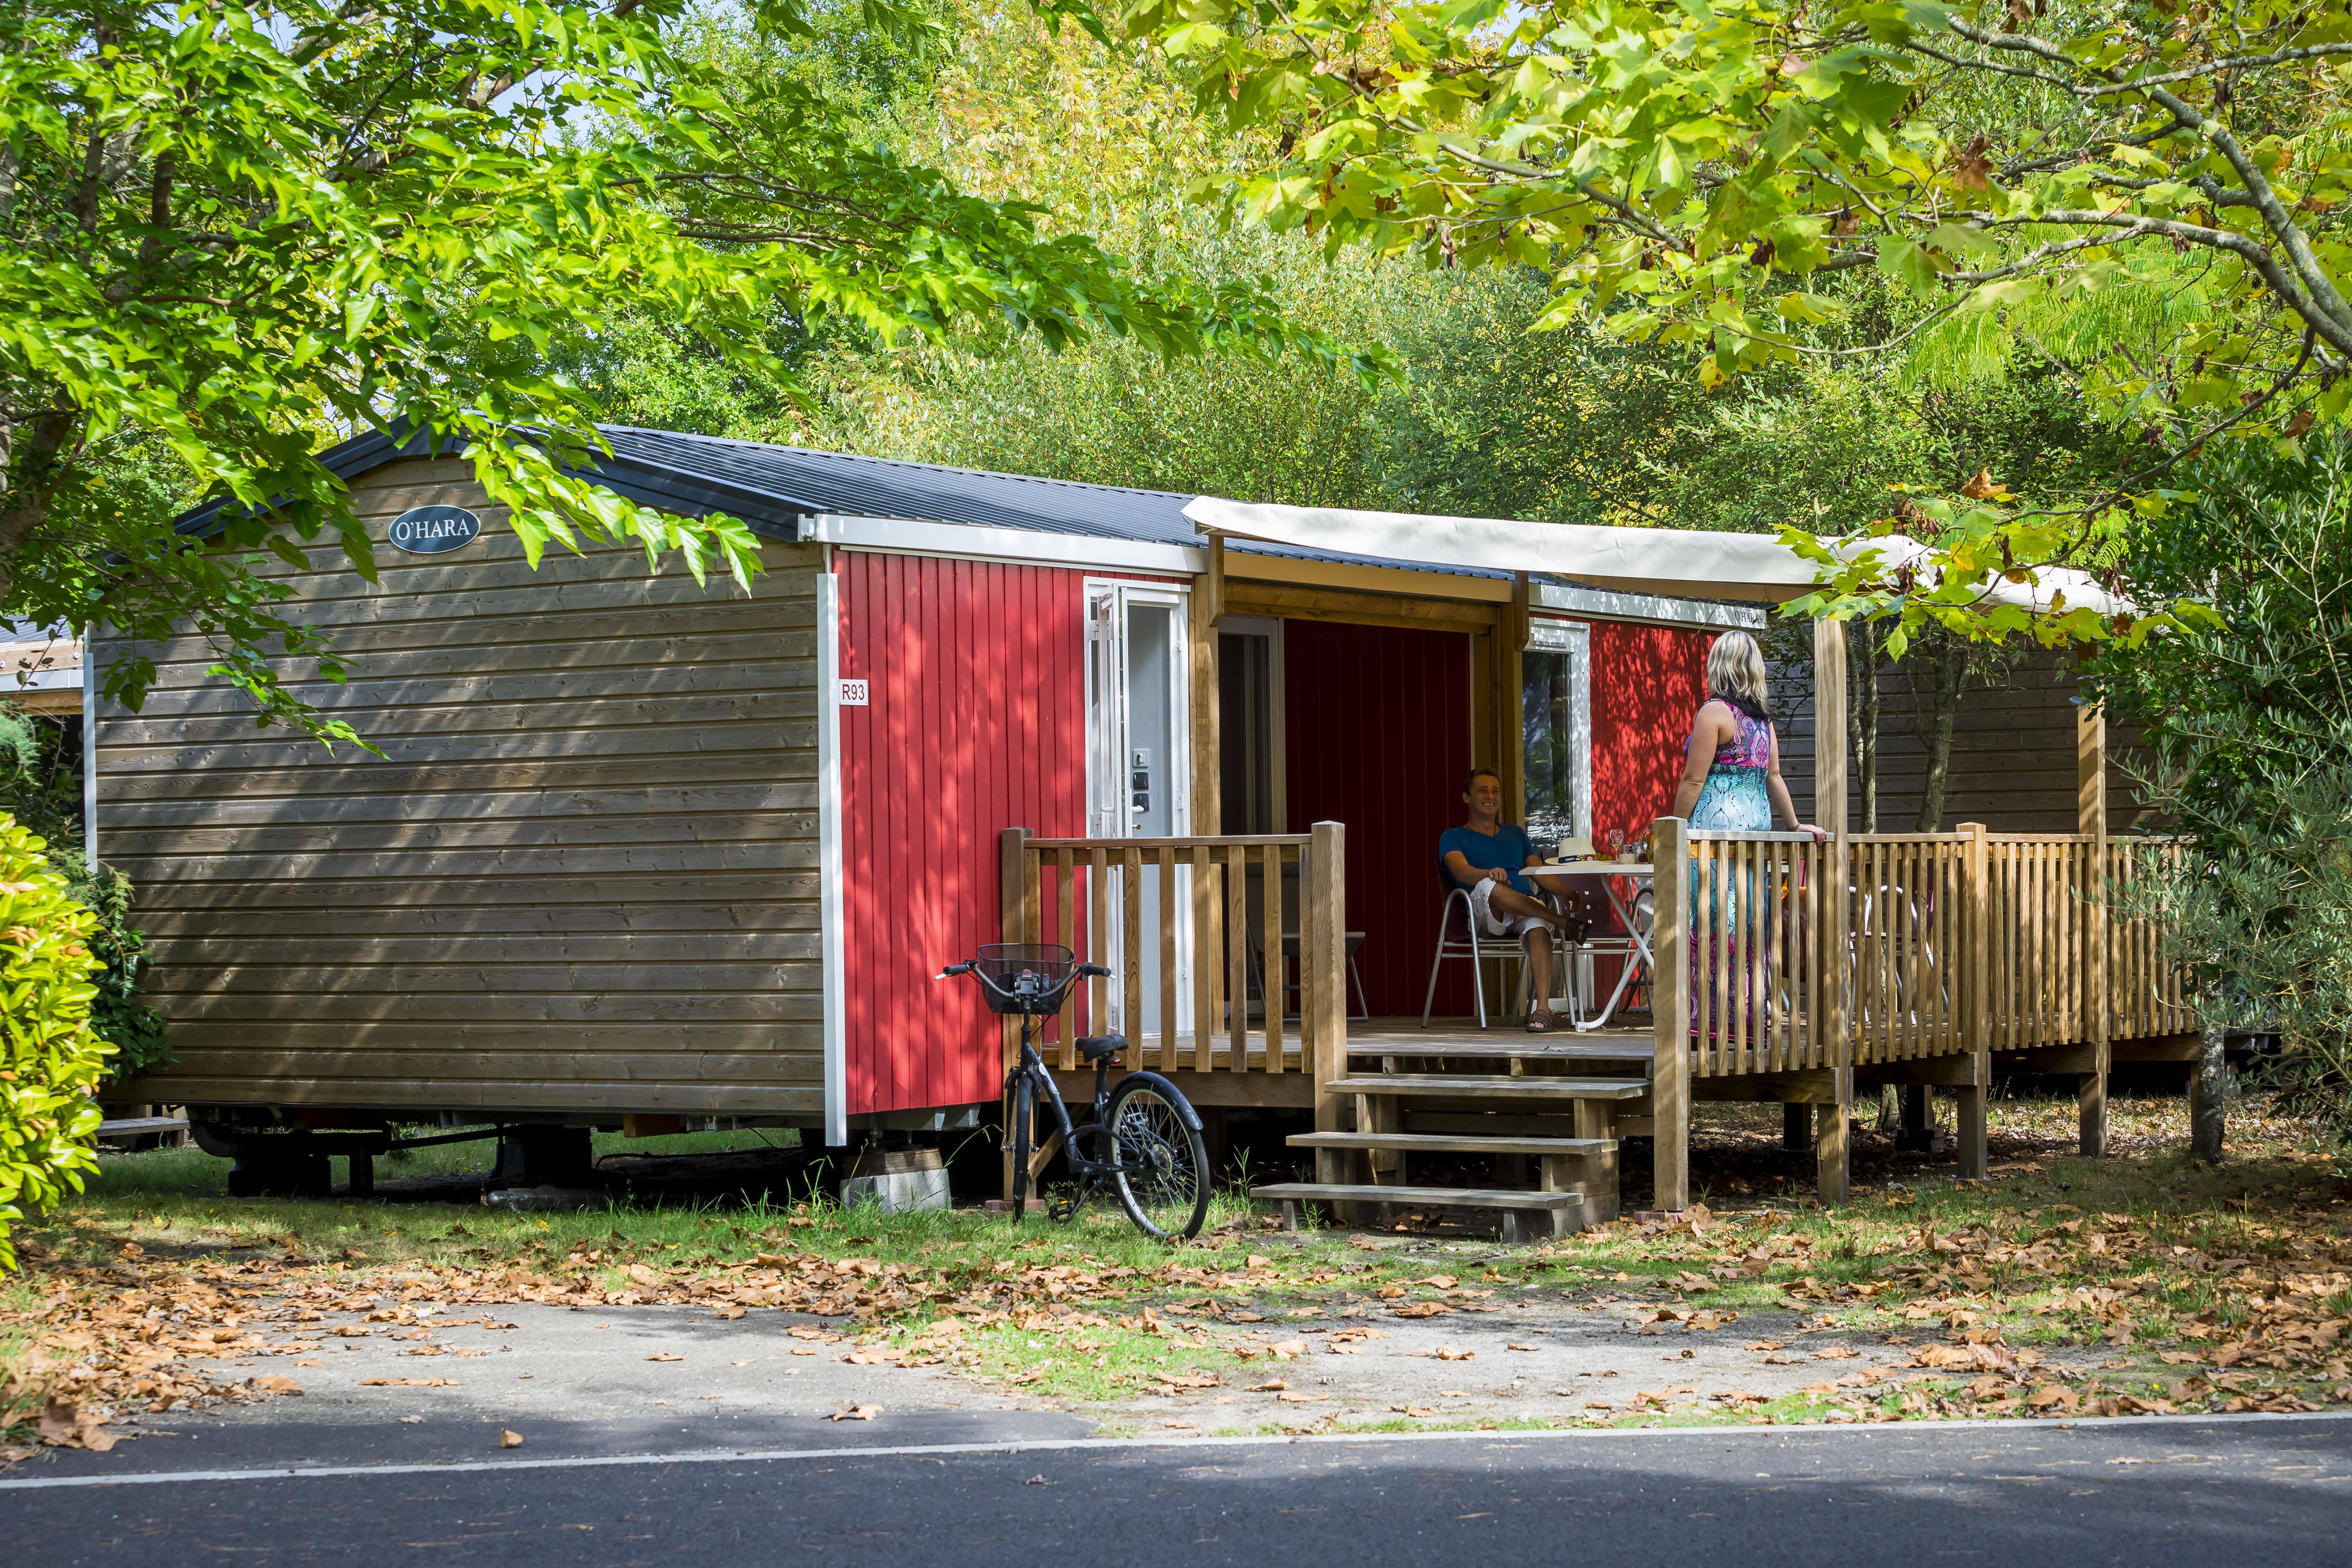 Location - Mobil Home Ciela Confort Luxe - 31M² - 2 Chambres / 2 Salles De Bain - Climatisation Réversible , Tv Et Lave Vaisselle - Camping Resort La Rive